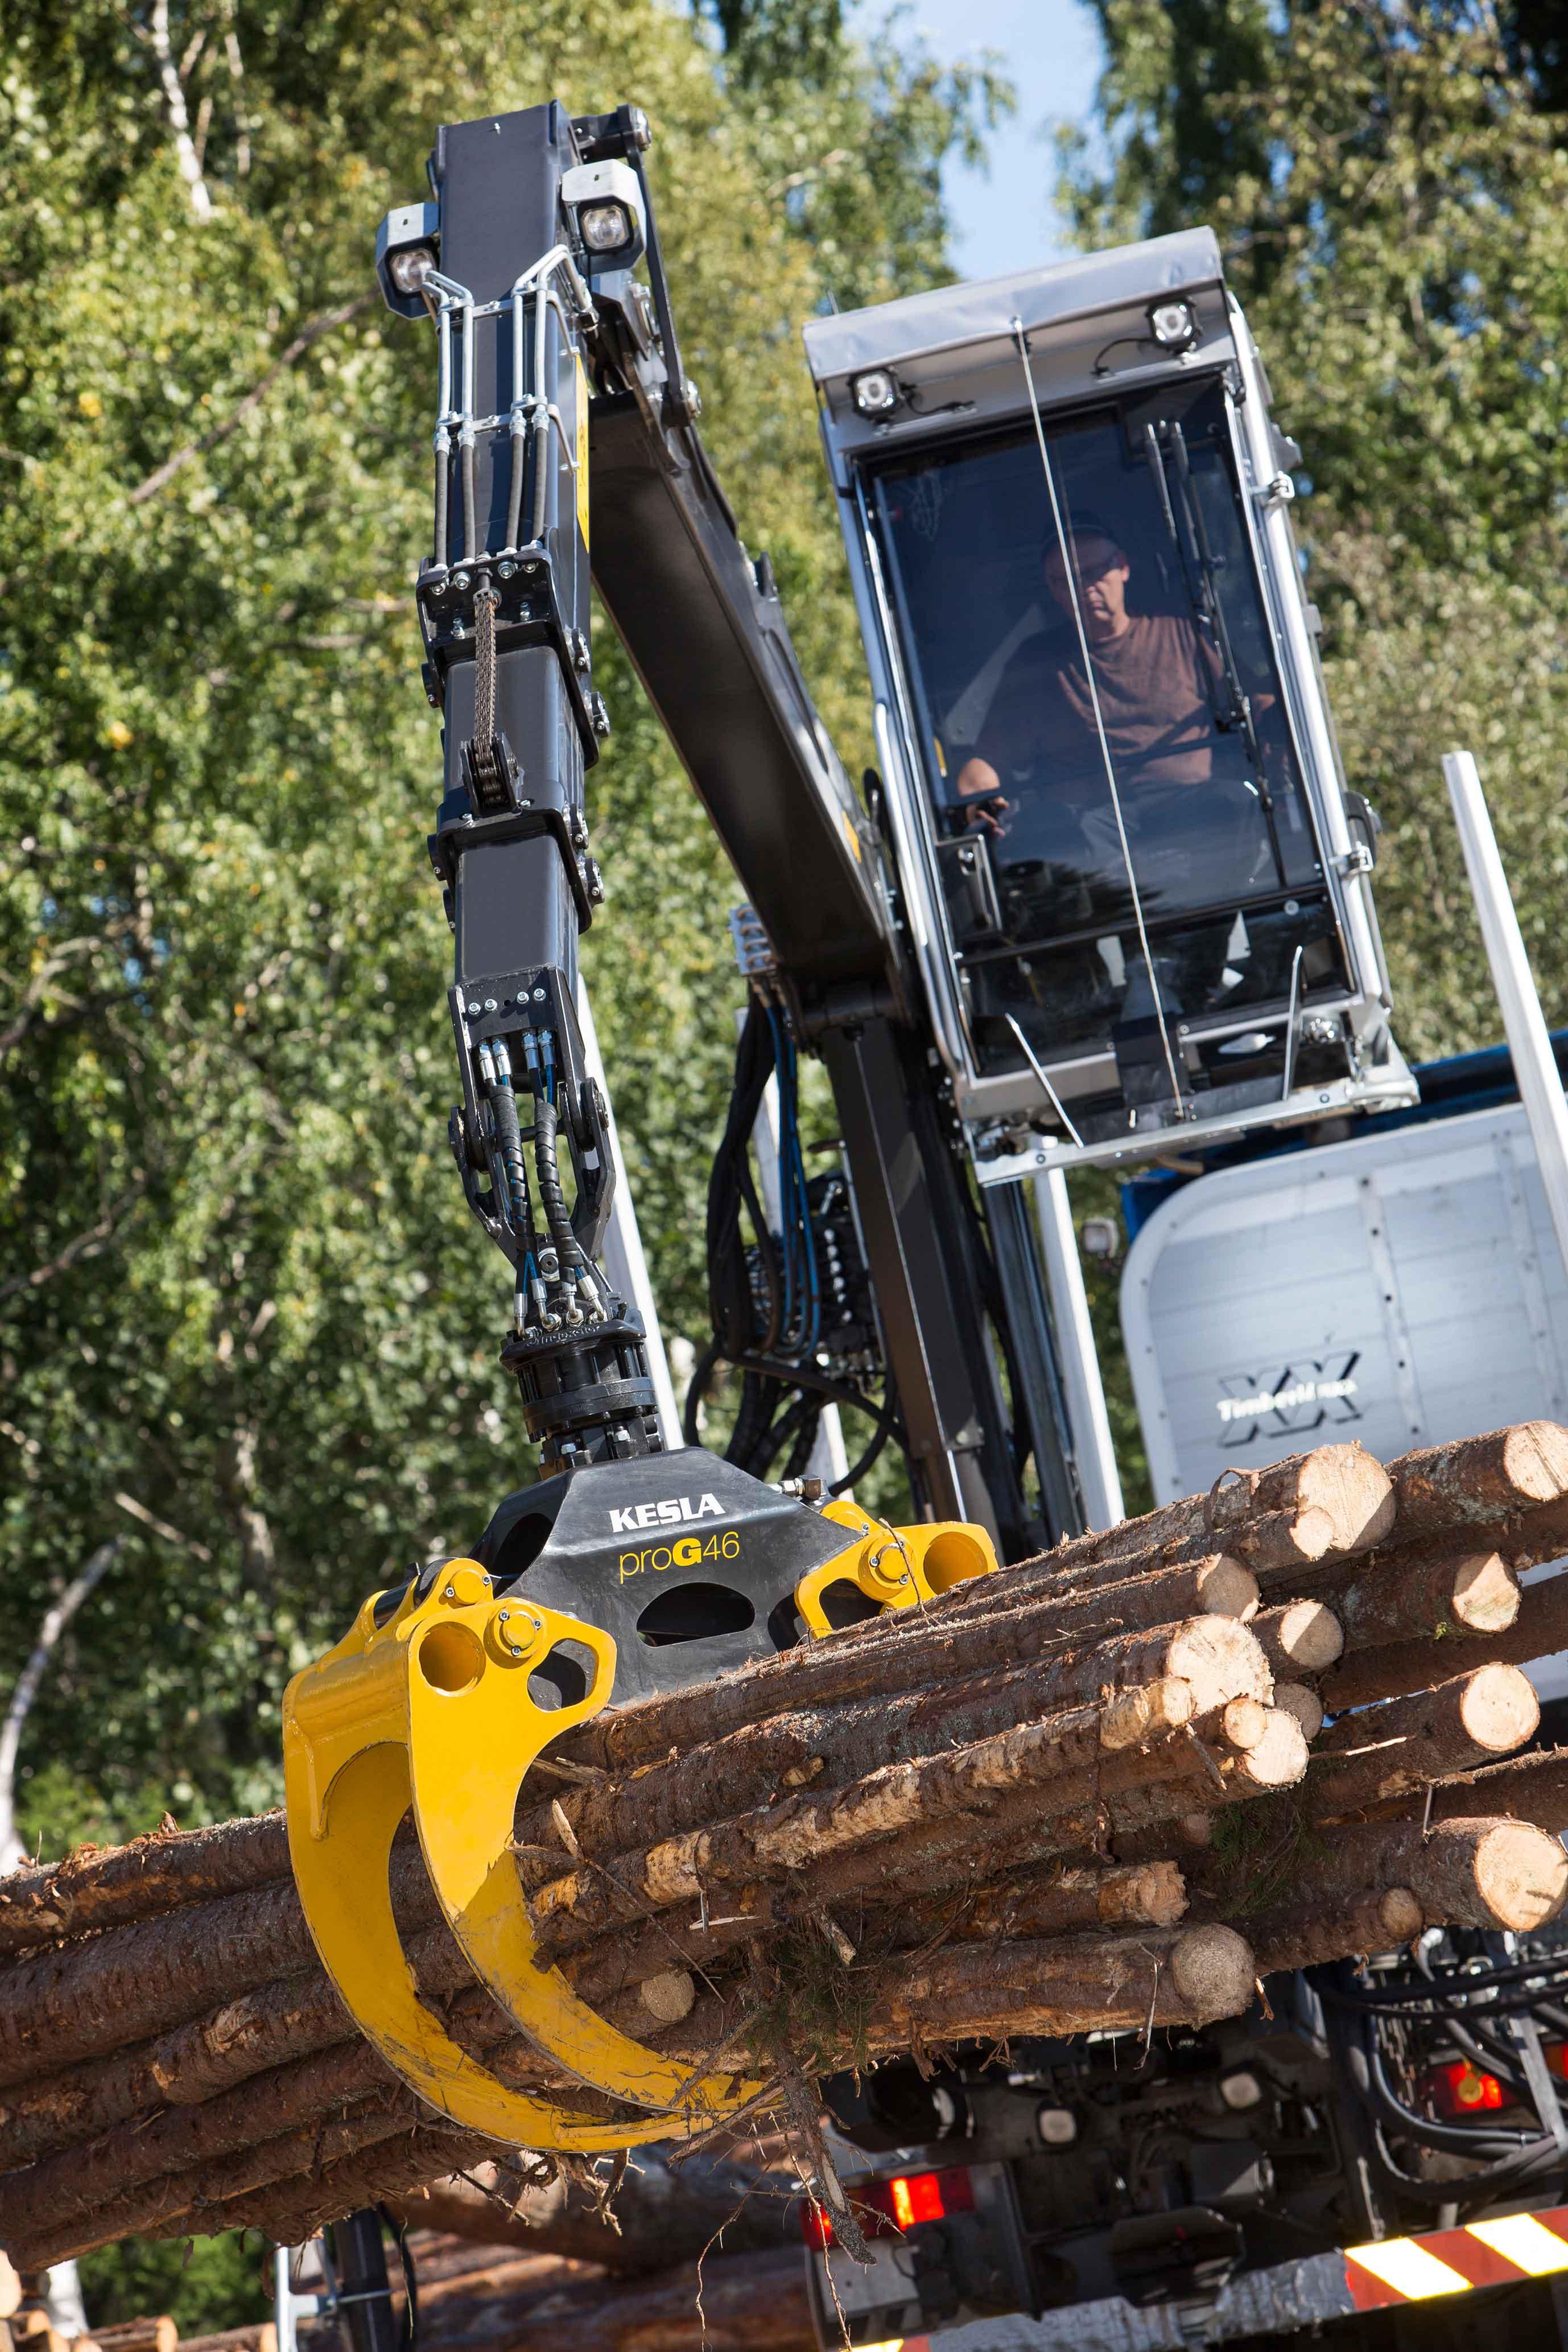 Caricatori forestali kesla dispositivo arresto motori for Bernabei rimorchi agricoli